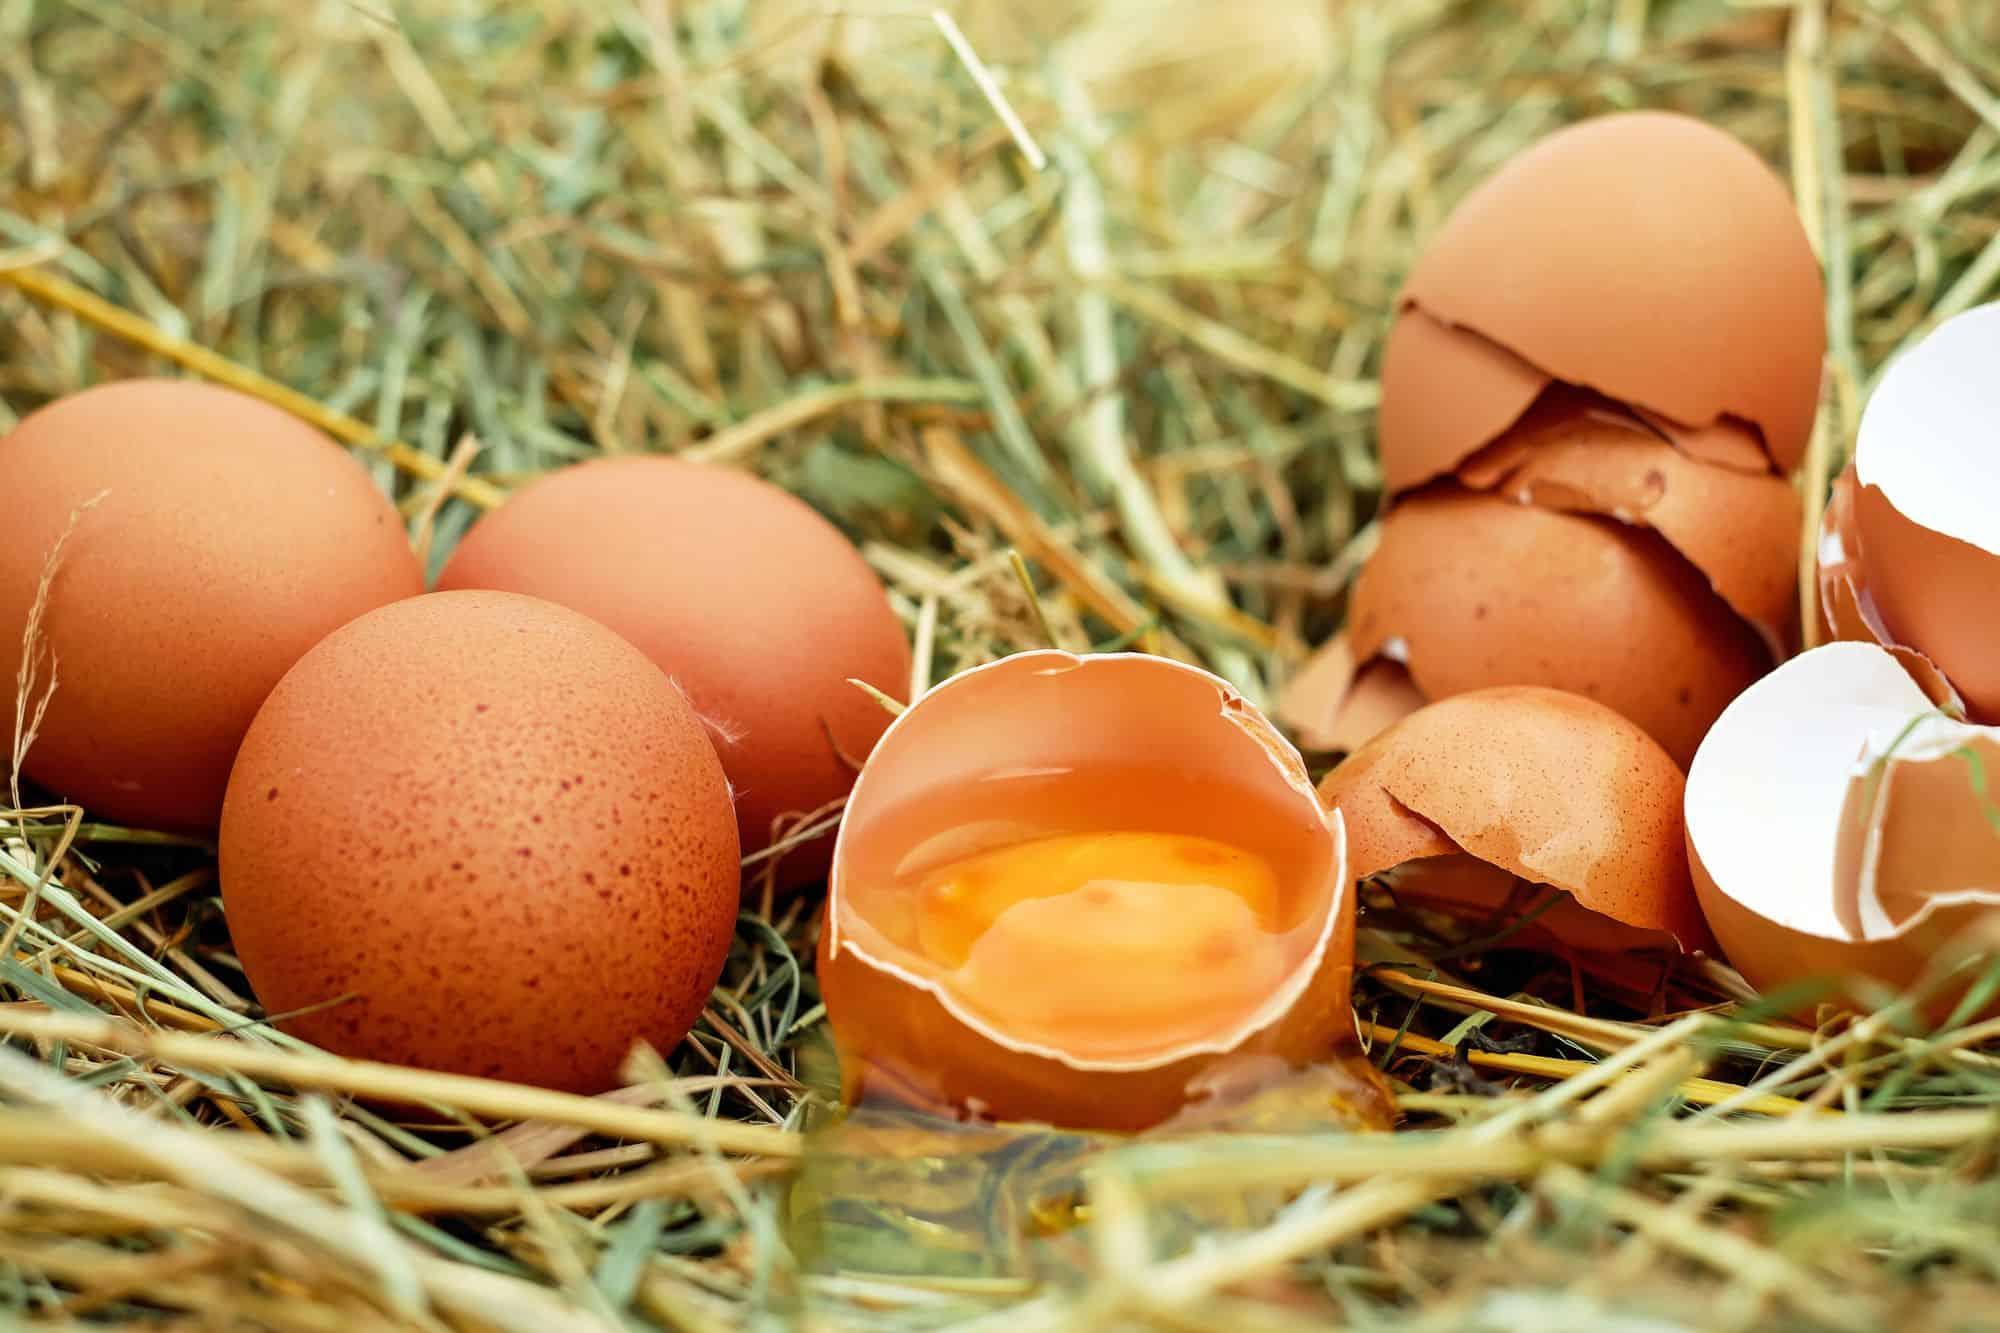 بيضة واحدة كل يوم تساعد الأطفال على زيادة أحجامهم وأطوالهم